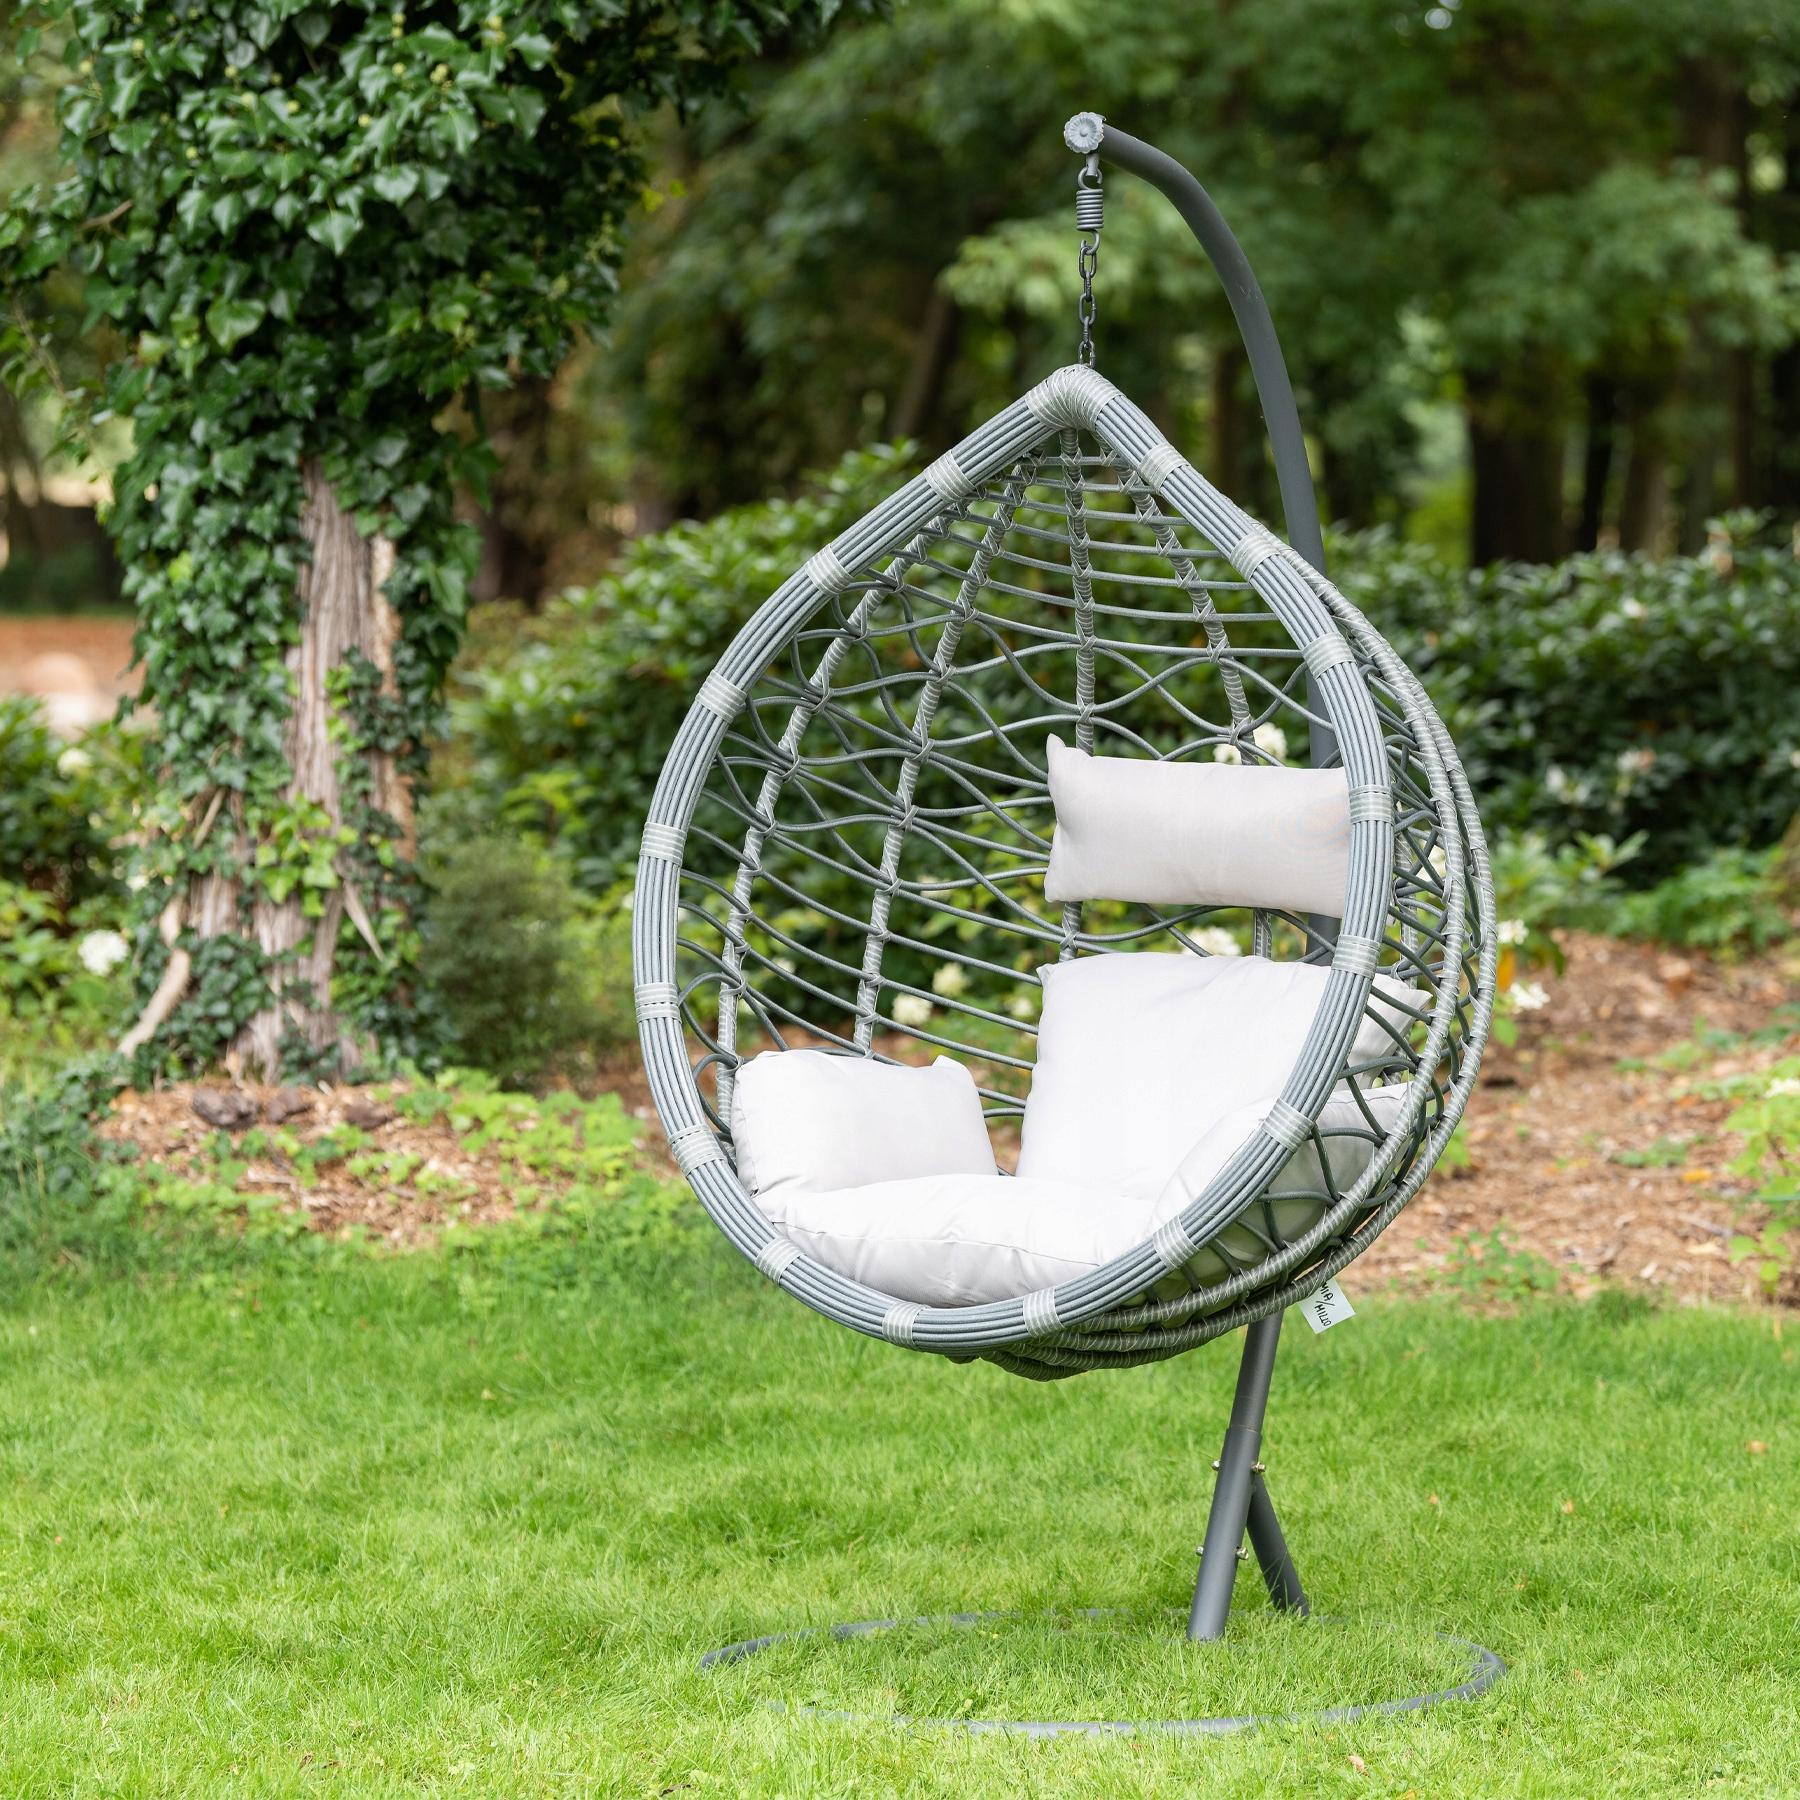 Záhradné kreslo, zavesený hojdací kokonový kôš Moderný štýl